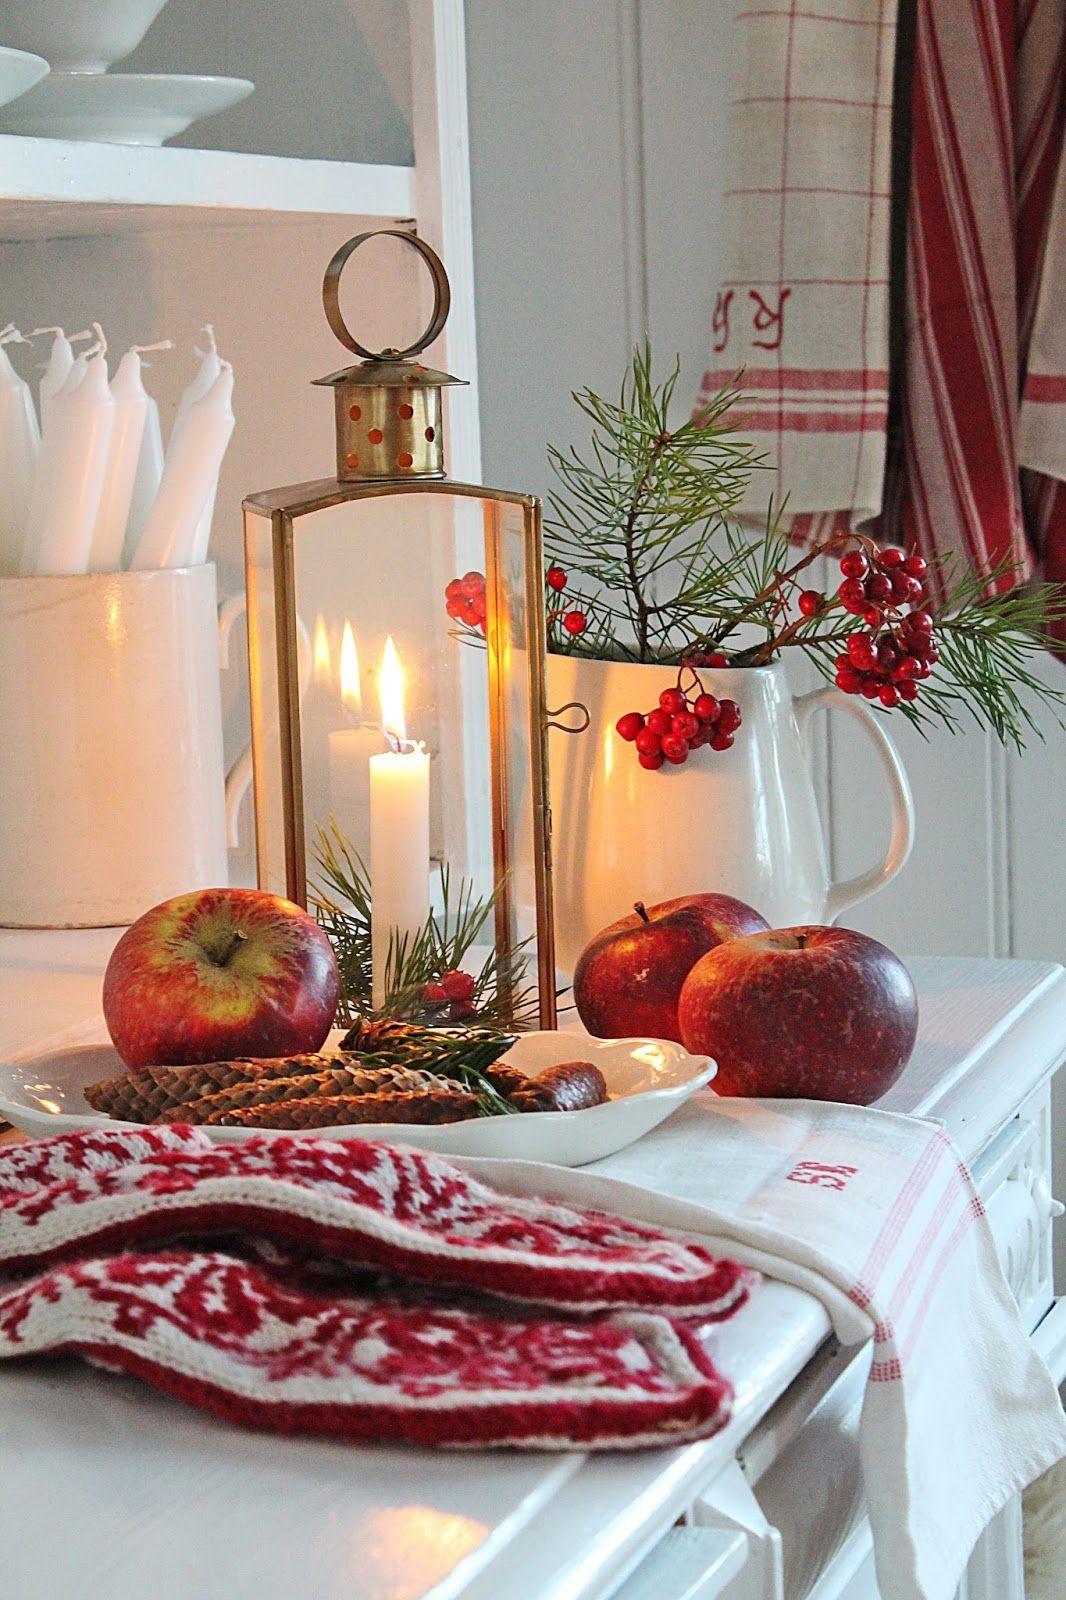 Frohe Weihnachten Norwegisch.Vinterhygge Christmas Norwegische Weihnachten Fröhliche